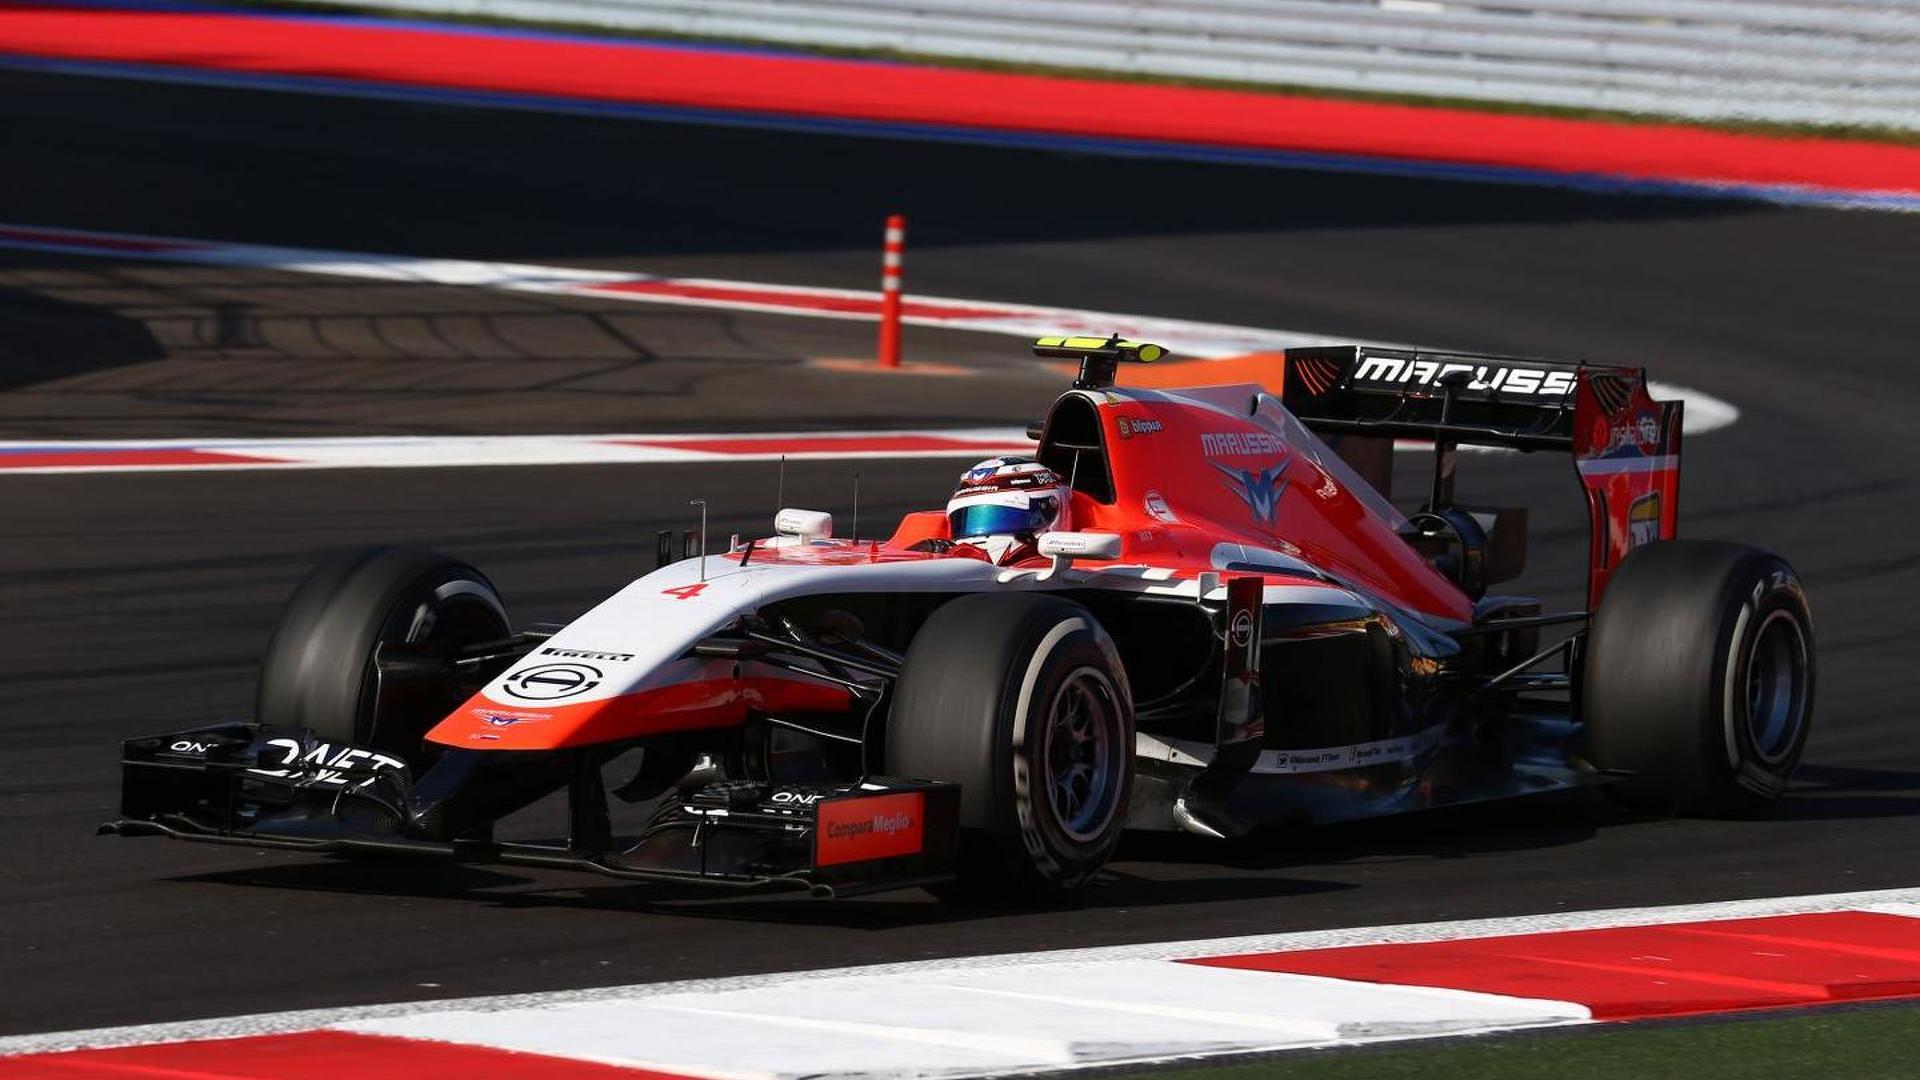 Ecclestone confirms teams blocked Manor return